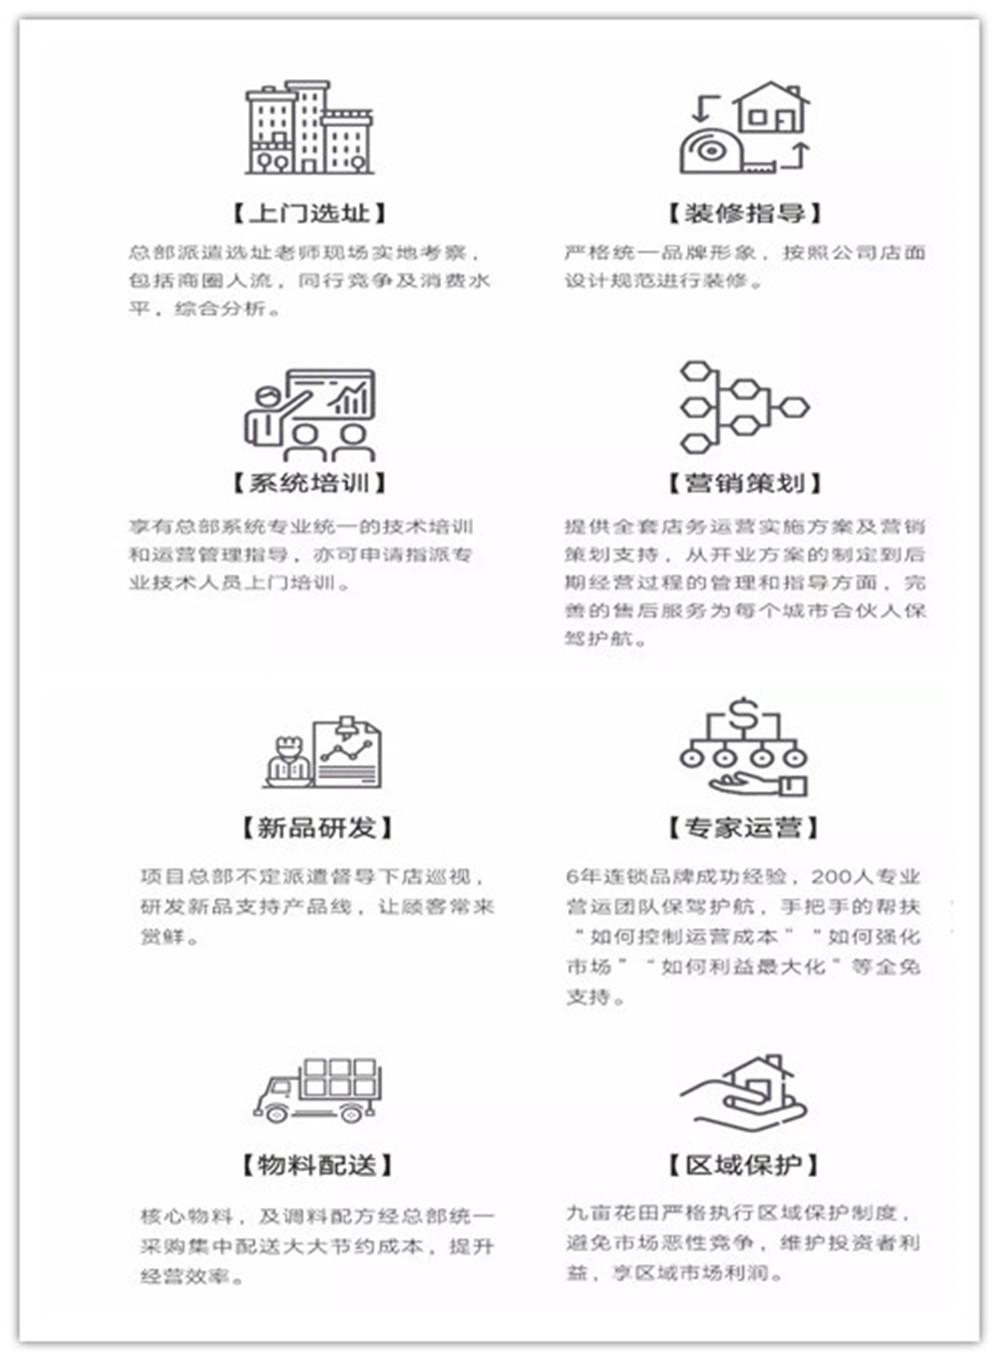 2019广州餐饮加盟展-广州餐饮加盟展览会-九亩花田加盟优势